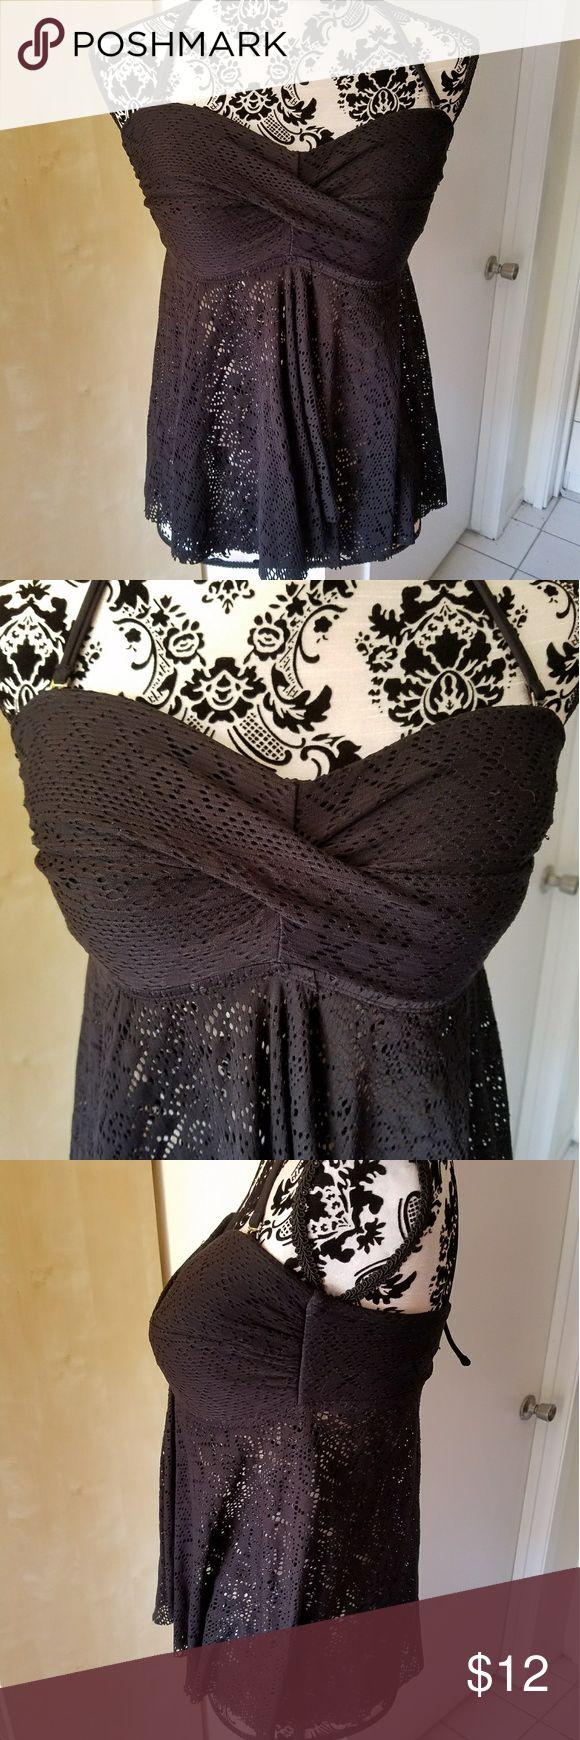 Lace tankini top Can be worn as a regular top or as a tankini top. Merona Tops